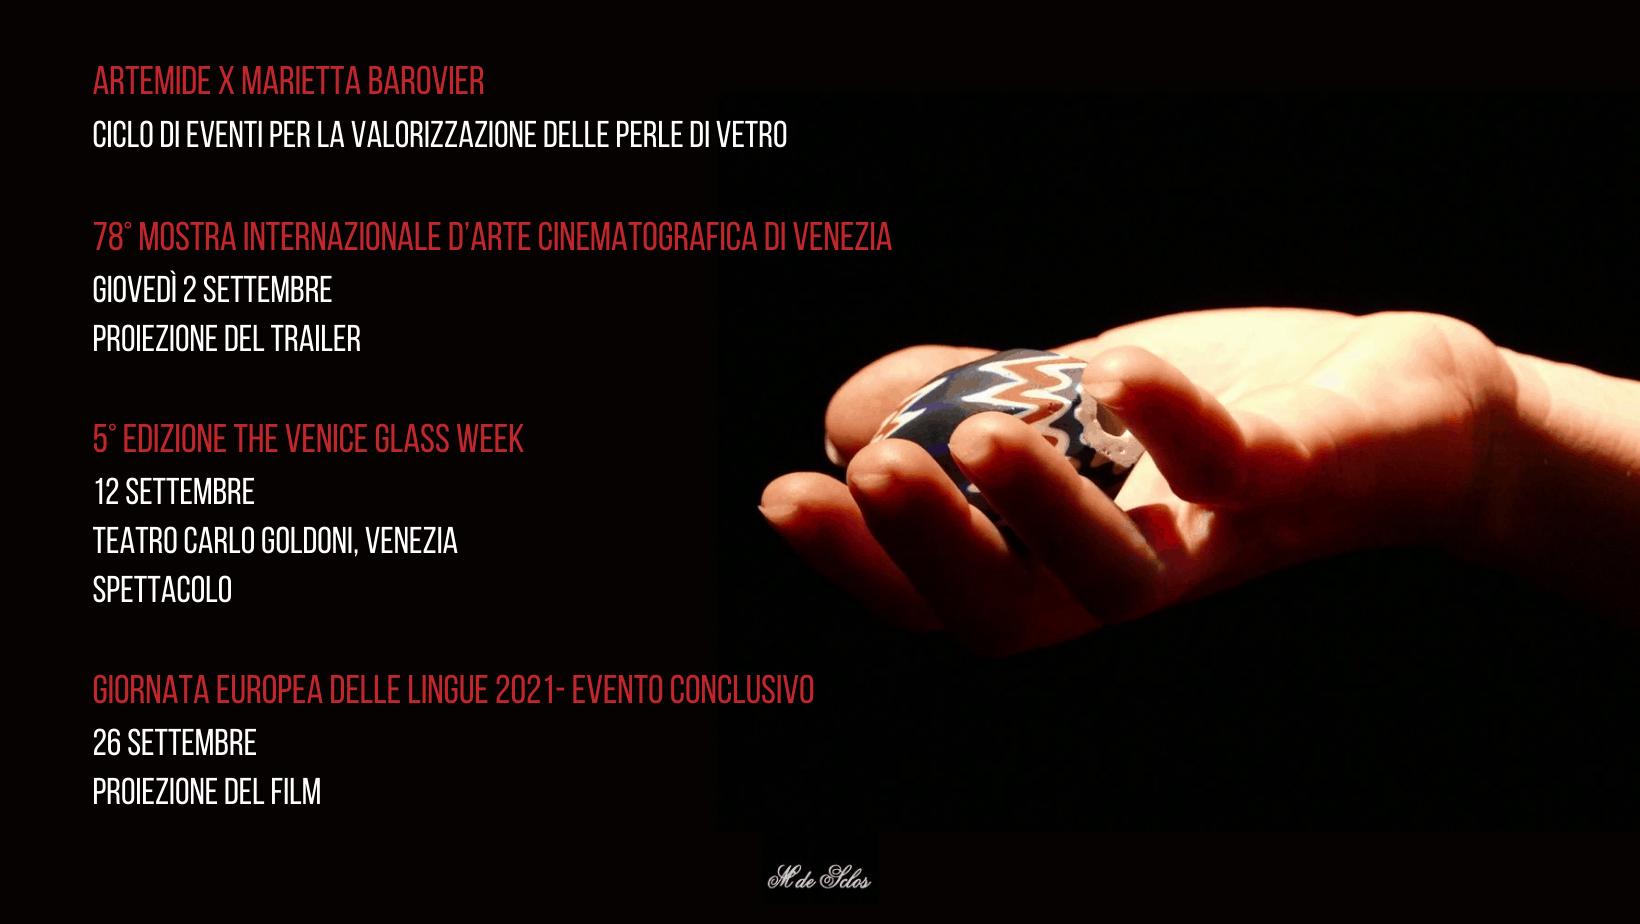 """Ciclo di eventi per """"La Donna del Fuoco Marietta Barovier. Pioniera delle Perle Veneziane"""""""